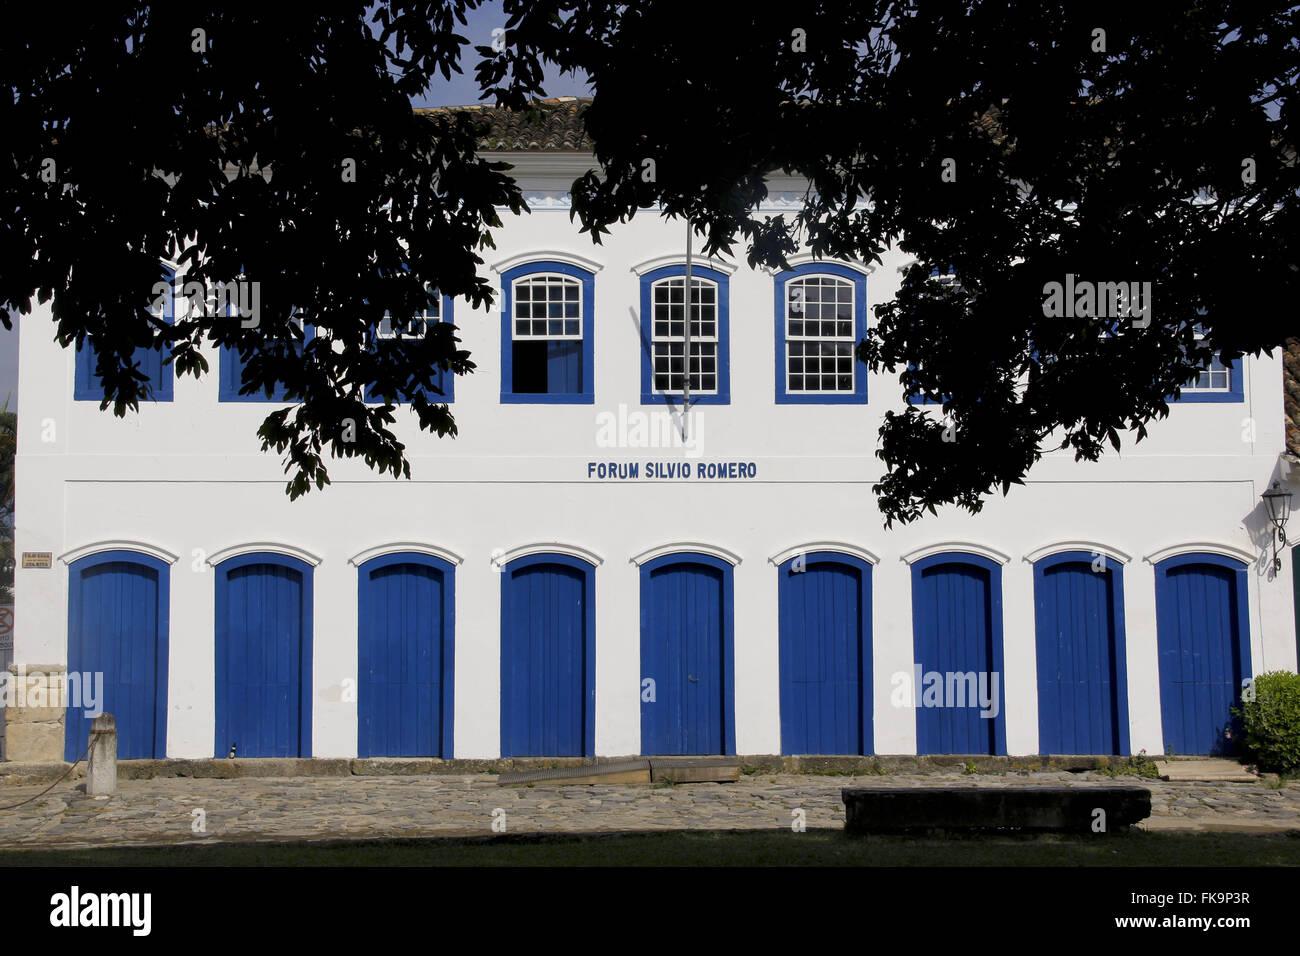 Casa adosada que alberga el Foro Silvio Romero en el centro histórico de la ciudad de Paraty - RJ Foto de stock